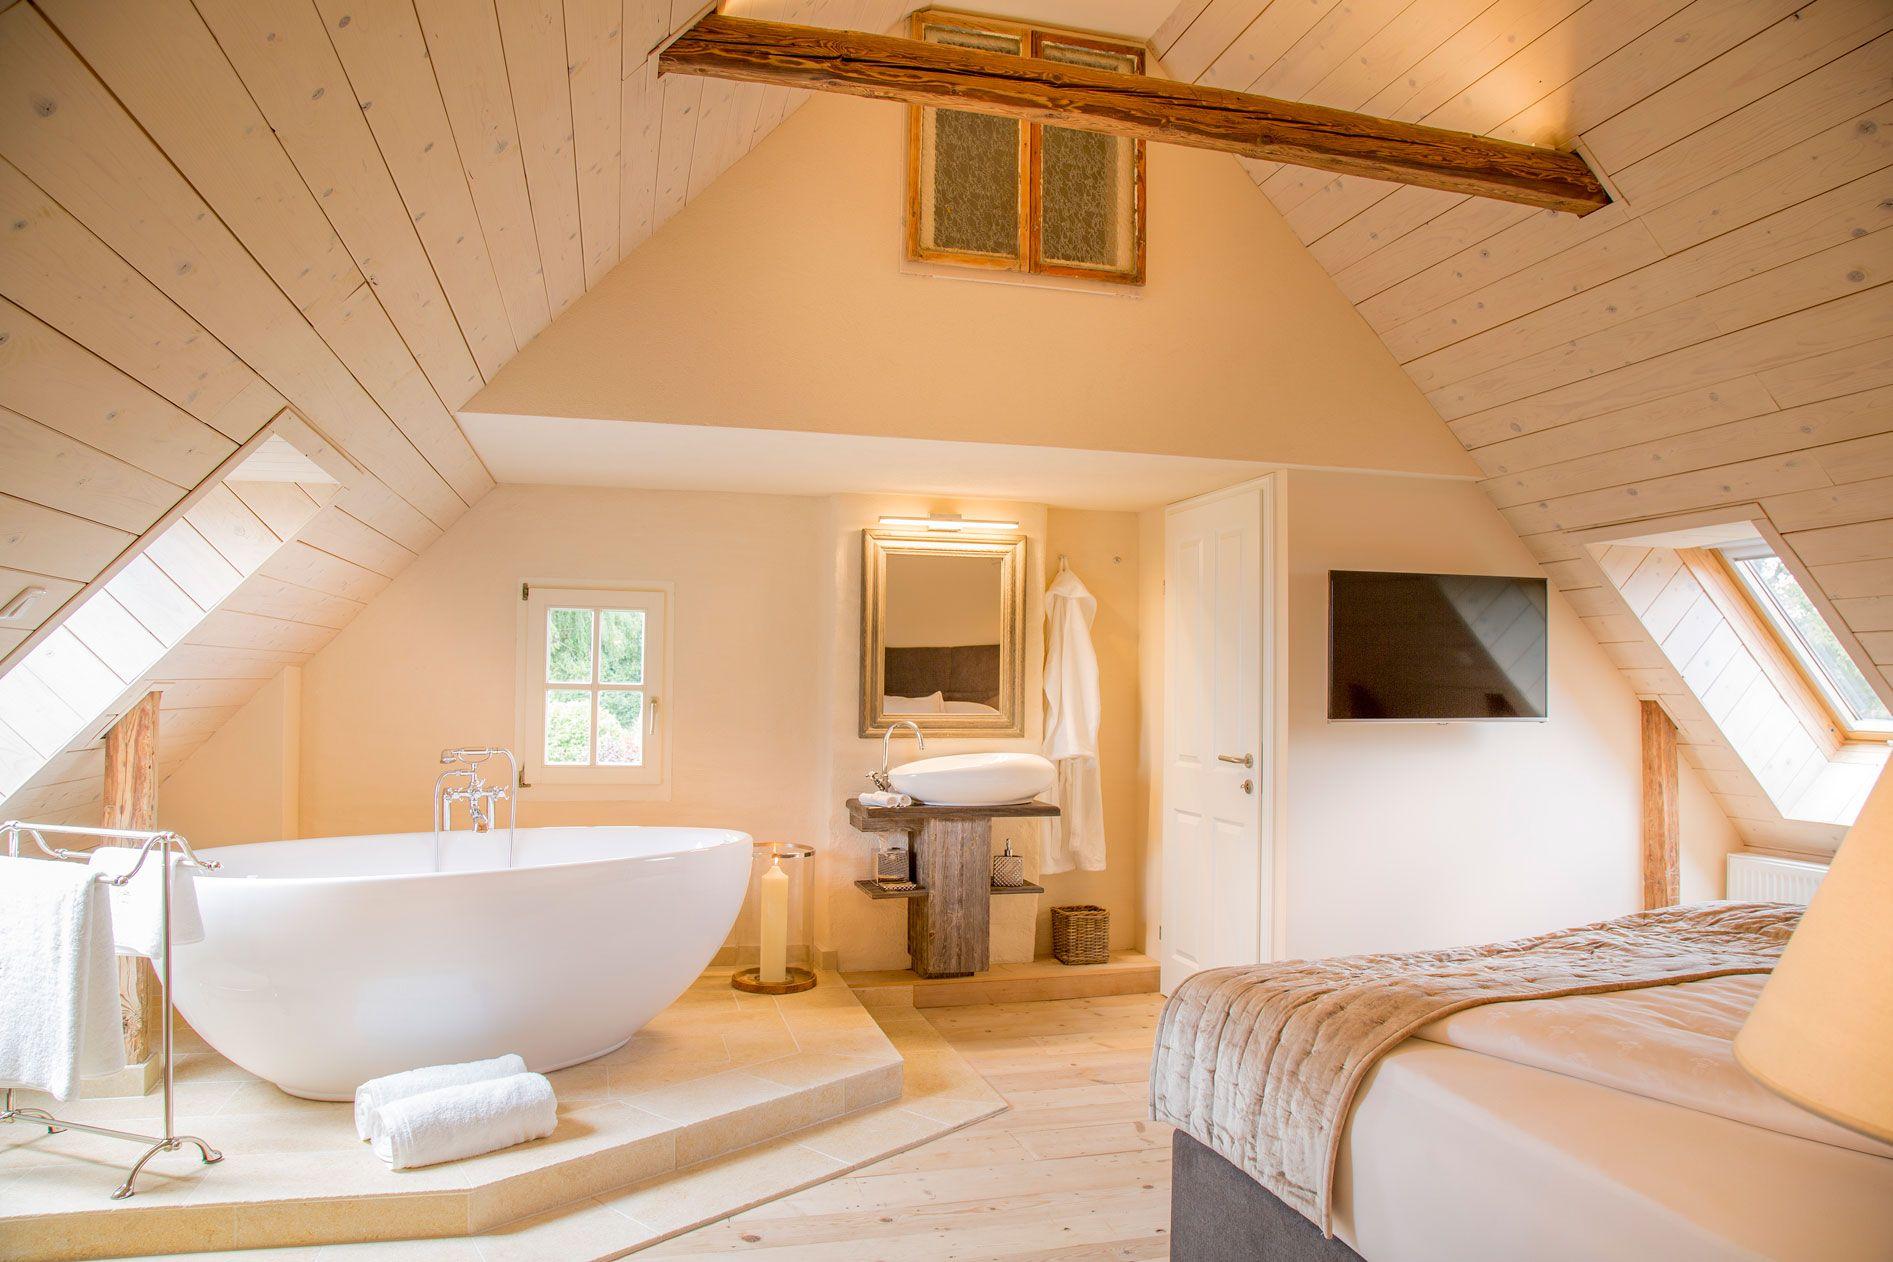 Luxusurlaub in der Steiermark: Schlafzimmer mit ...